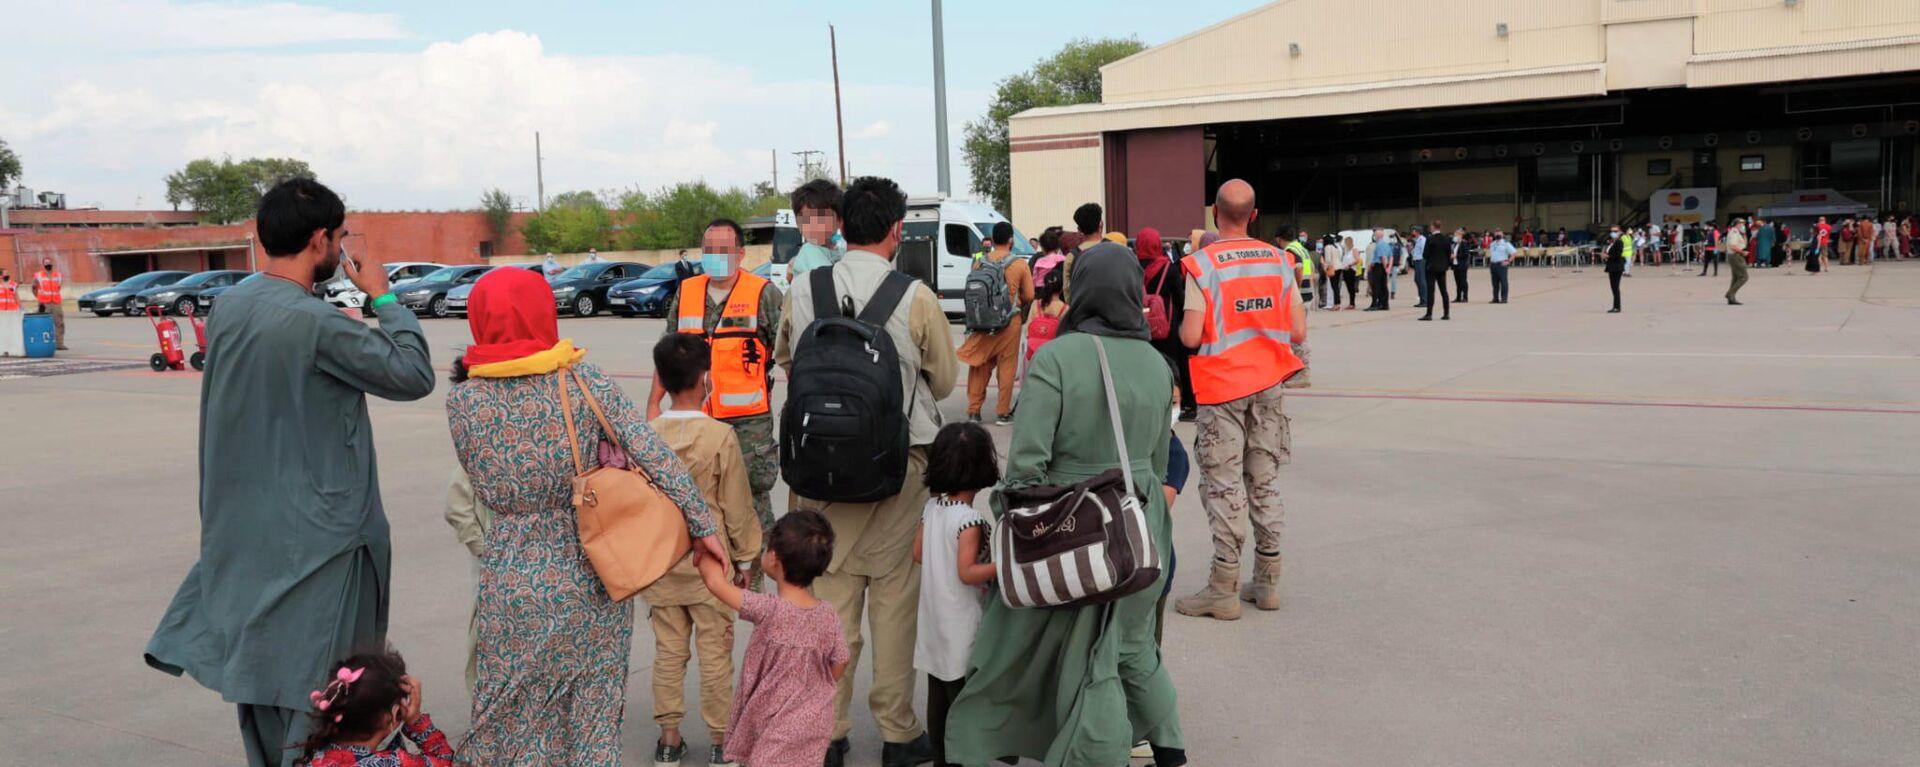 Un total de 292 personas evacuadas desde Afganistán llegan a la Base Aérea de Torrejón, a 25 de agosto de 2021, en Torrejón de Ardoz, Madrid (España) - Sputnik Mundo, 1920, 25.08.2021